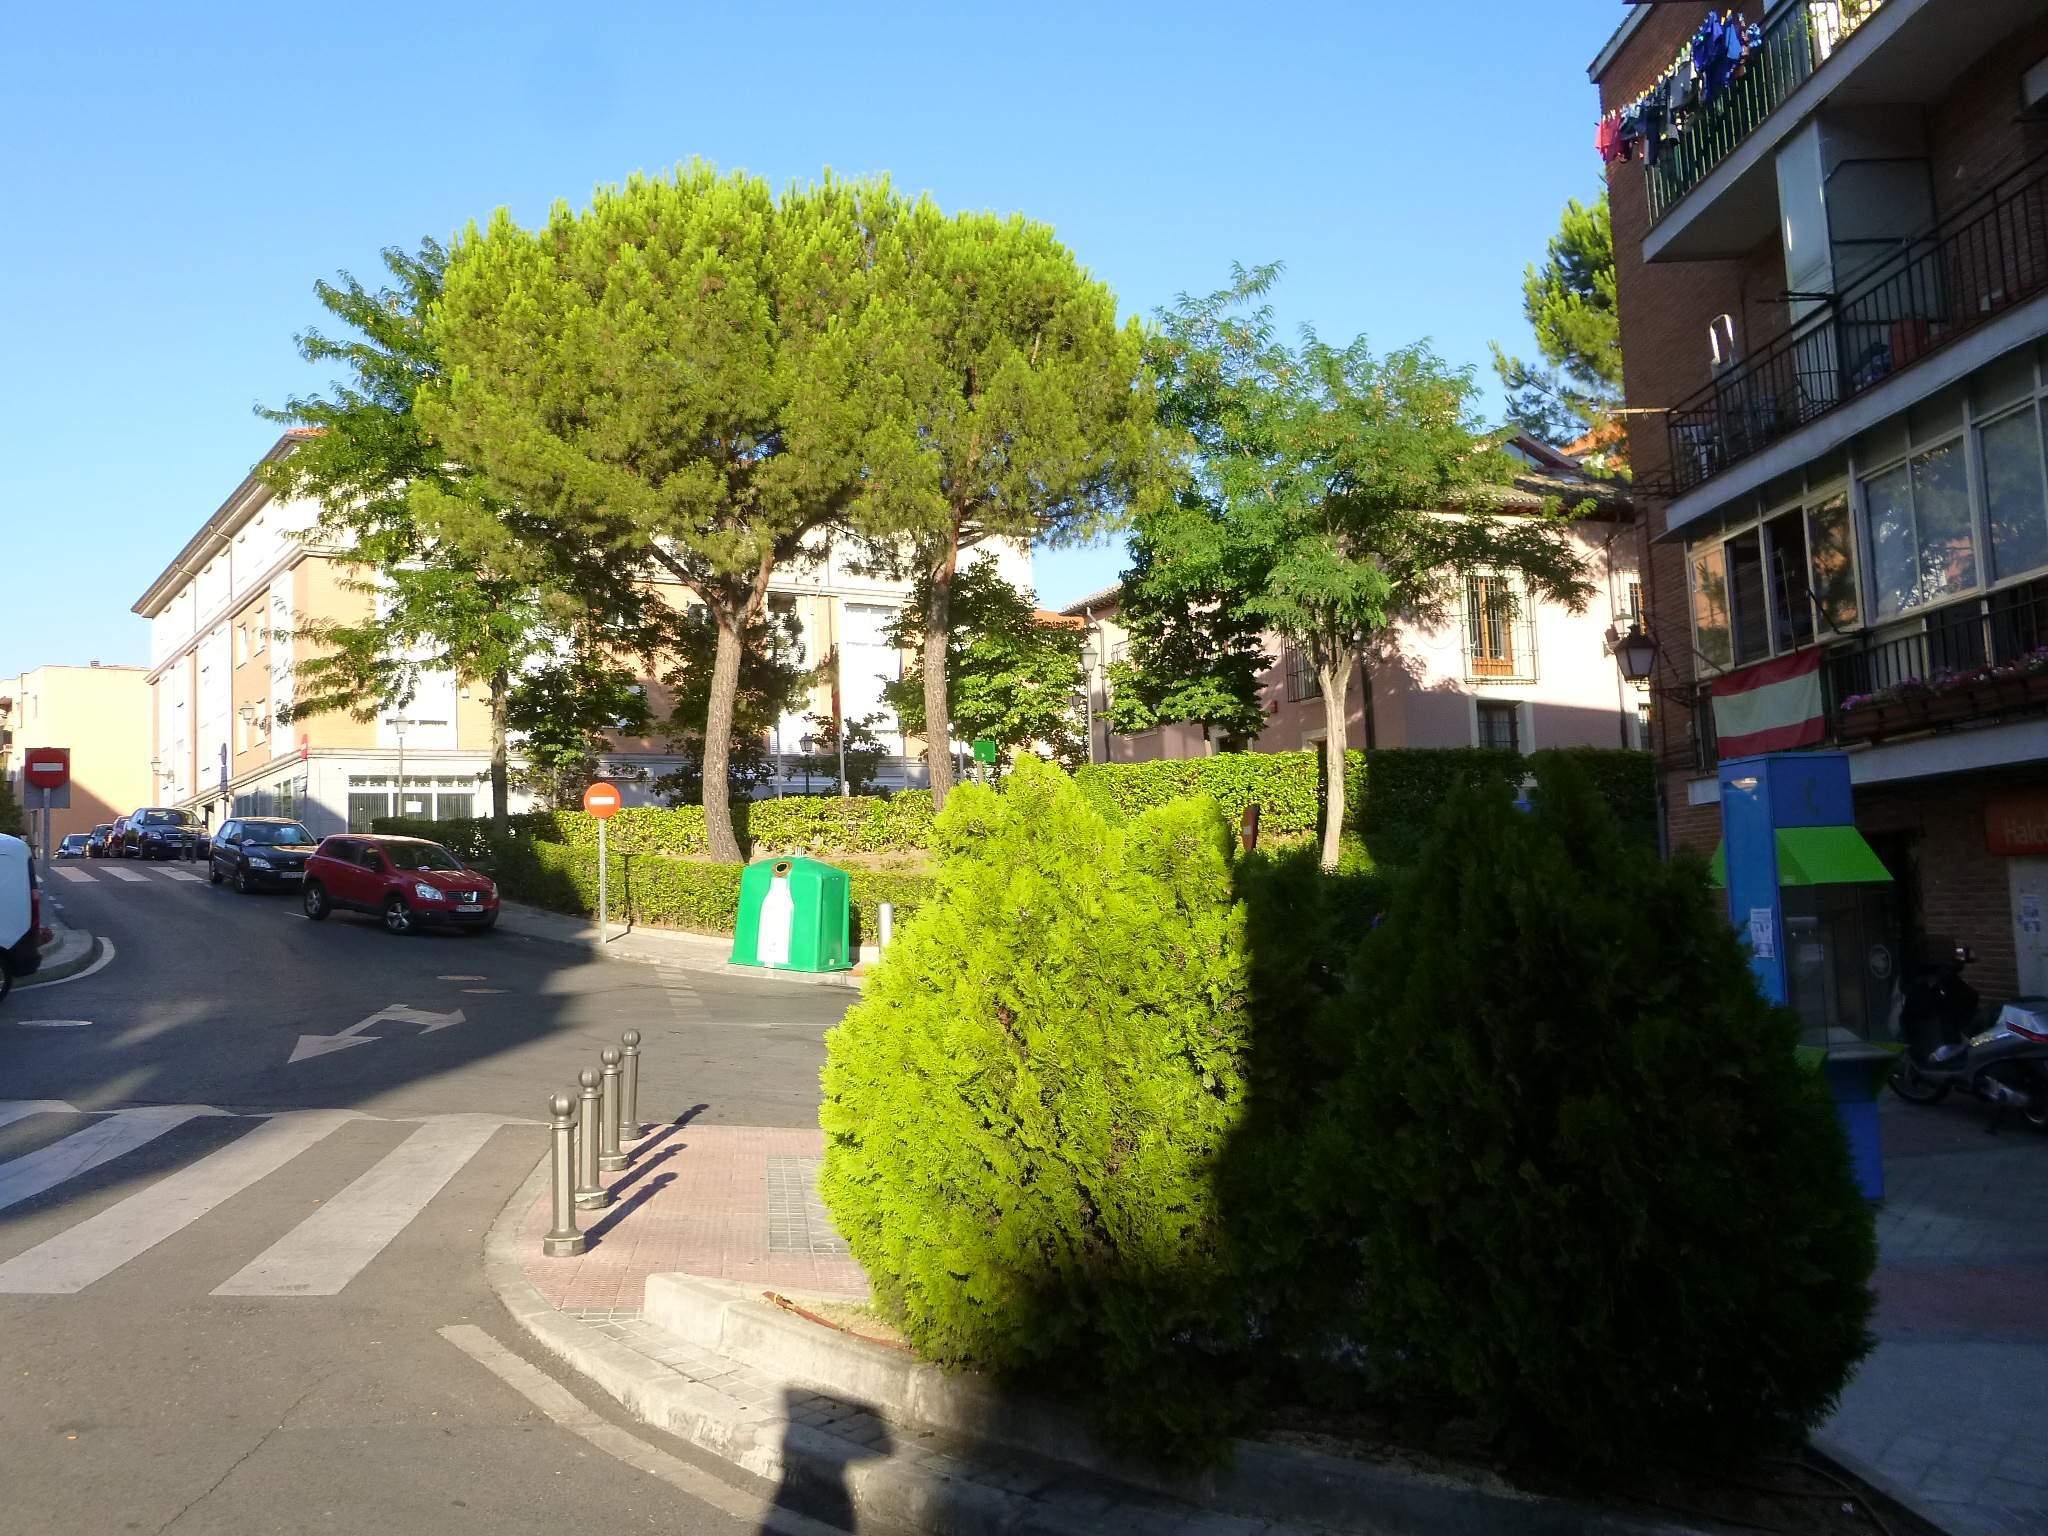 Casco urbano/histórico de Boadilla del Monte